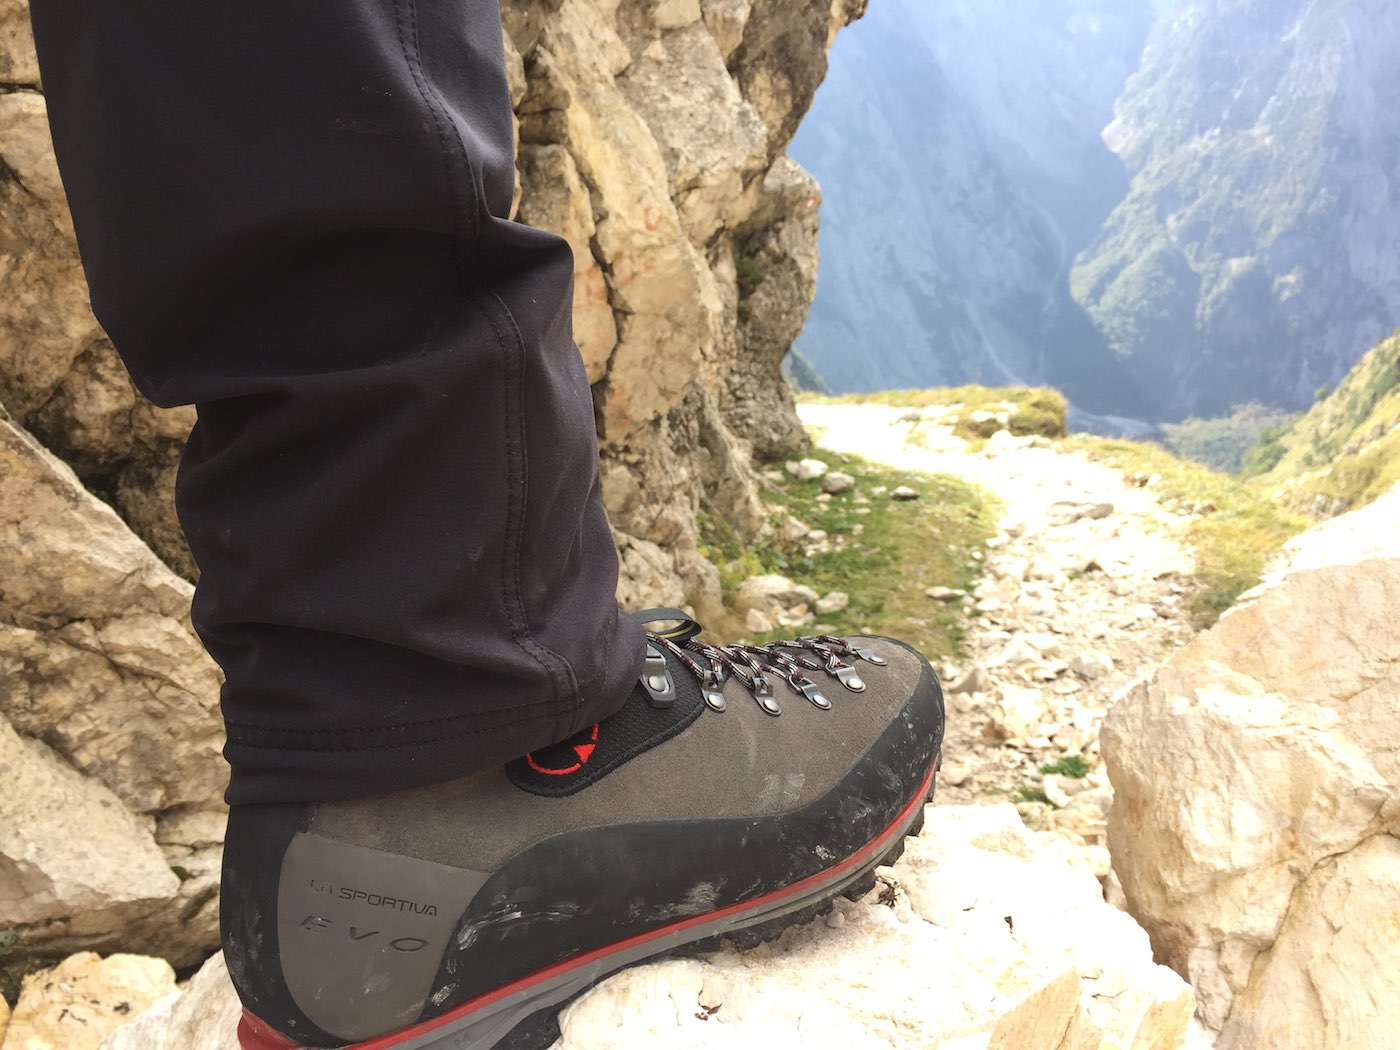 Der Nepal Trek Evo GTX von La Sportiva